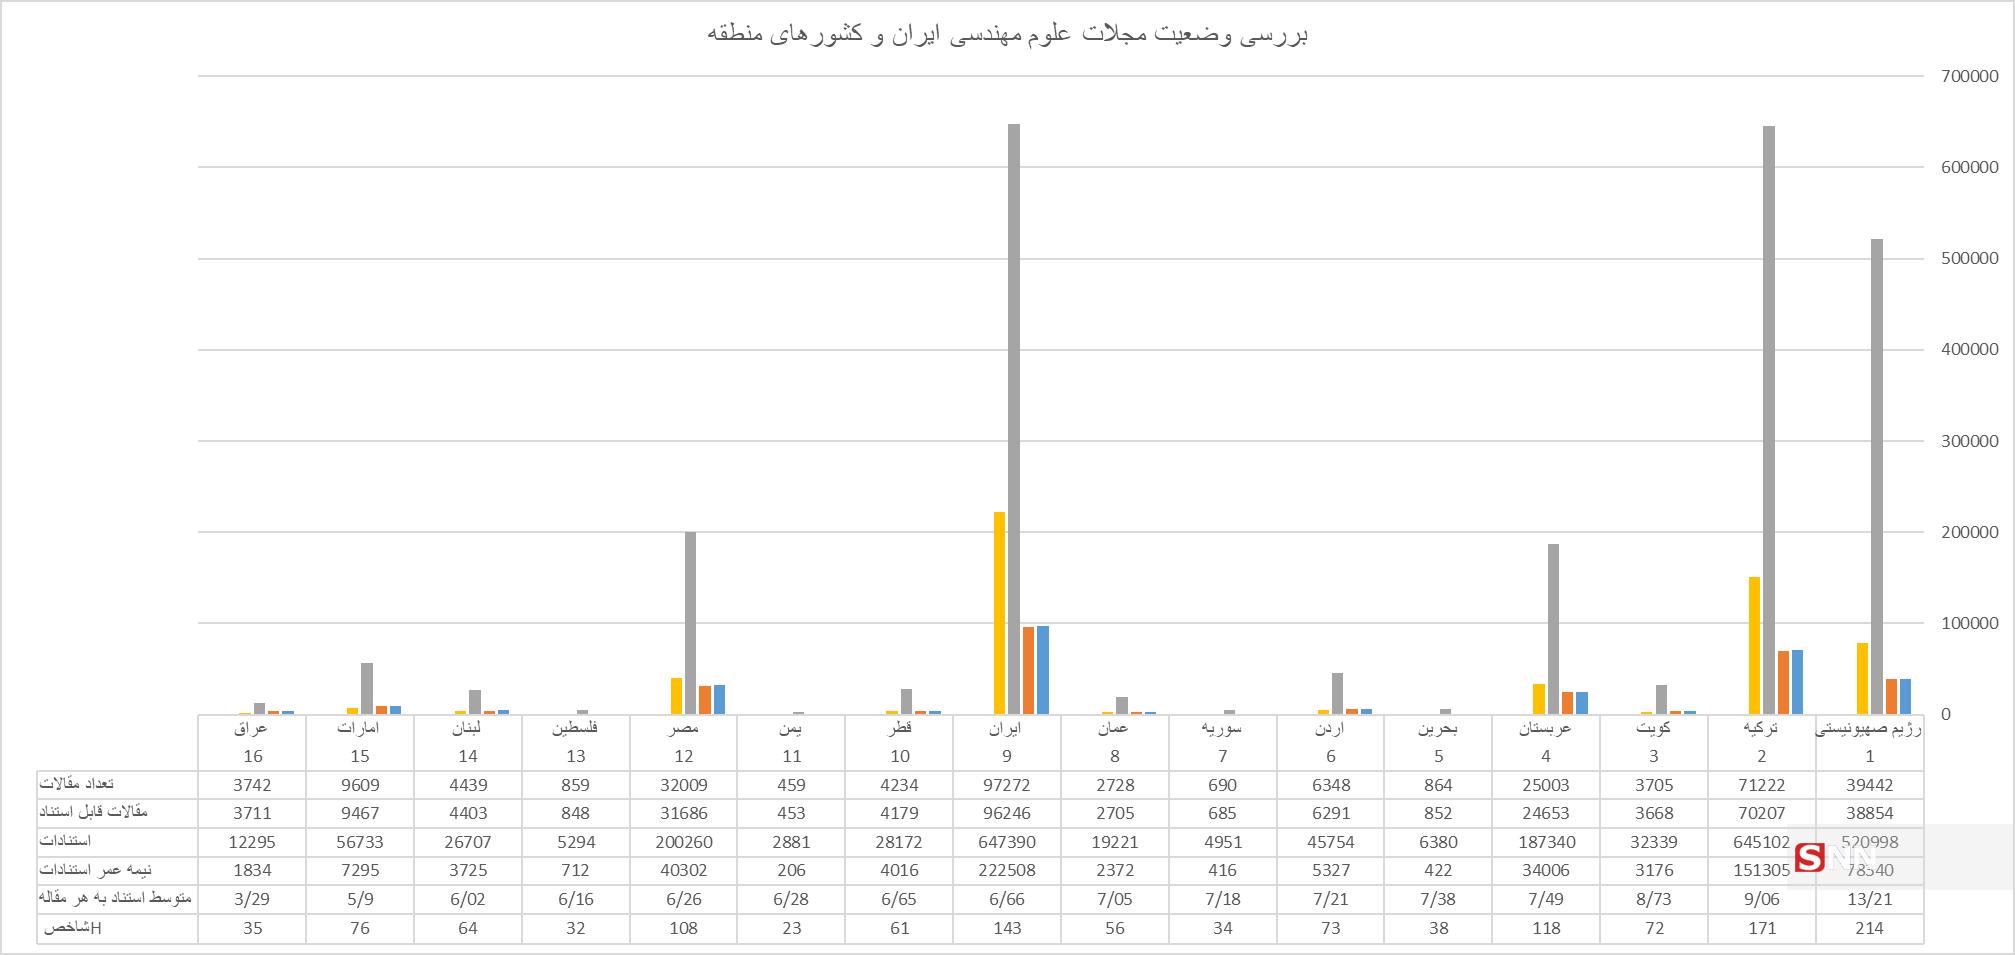 بررسی وضعیت علوم مهندسی ایران/ وقتی غولهای مهندسی کشور به چالش کشیده میشوند!